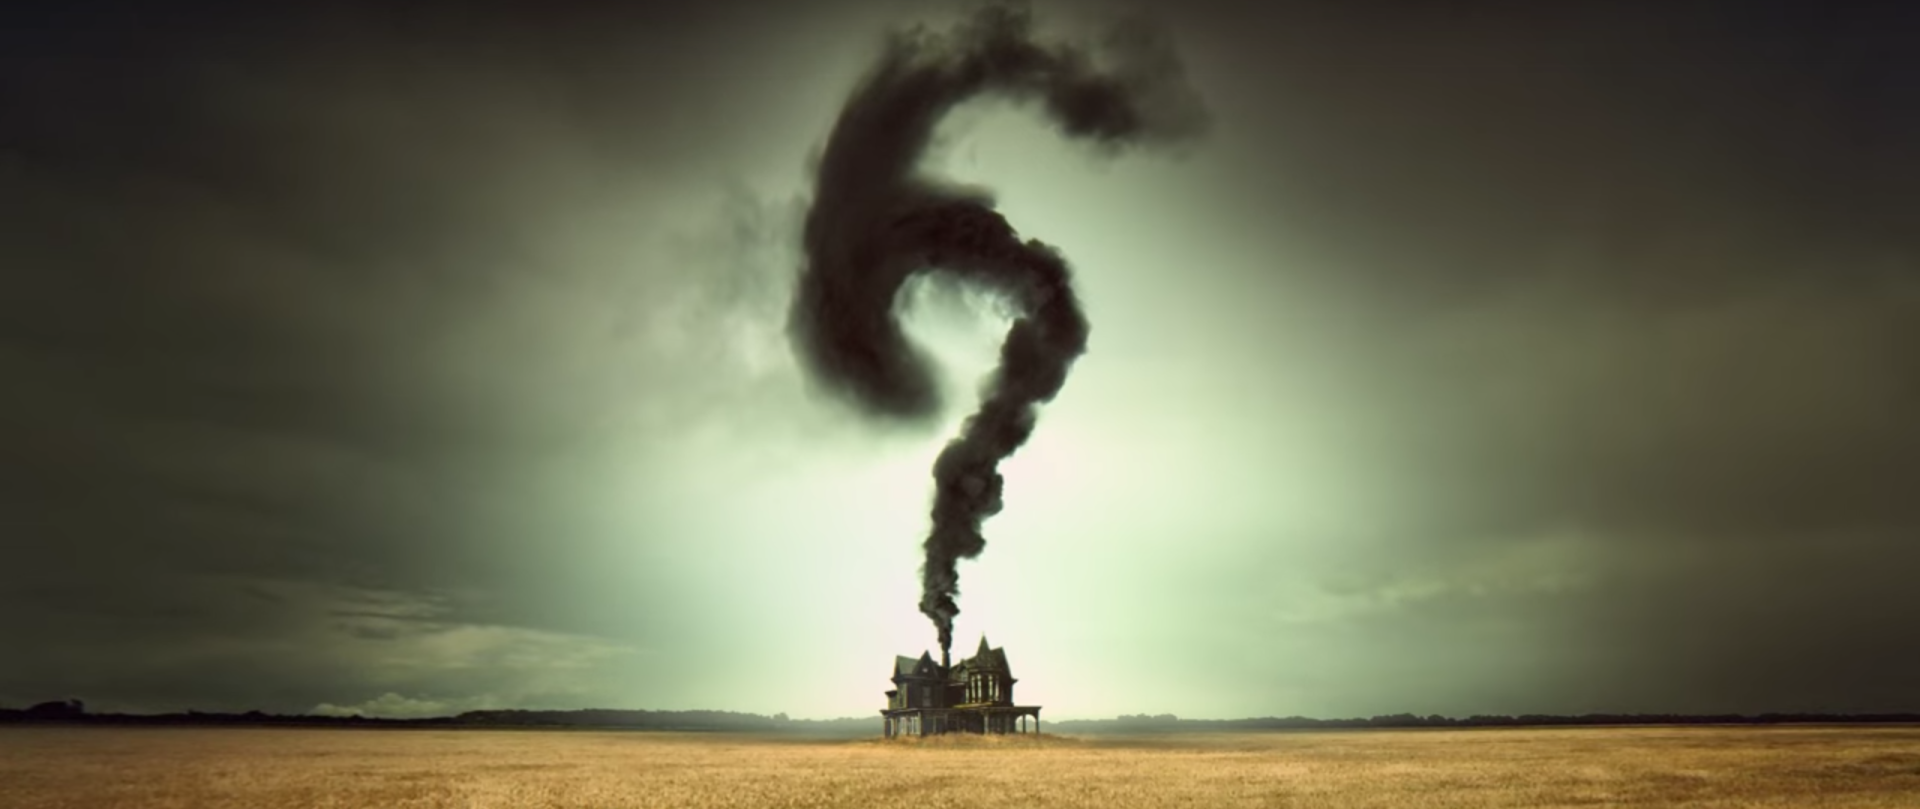 American Horror Story S06, svelato il tema della stagione